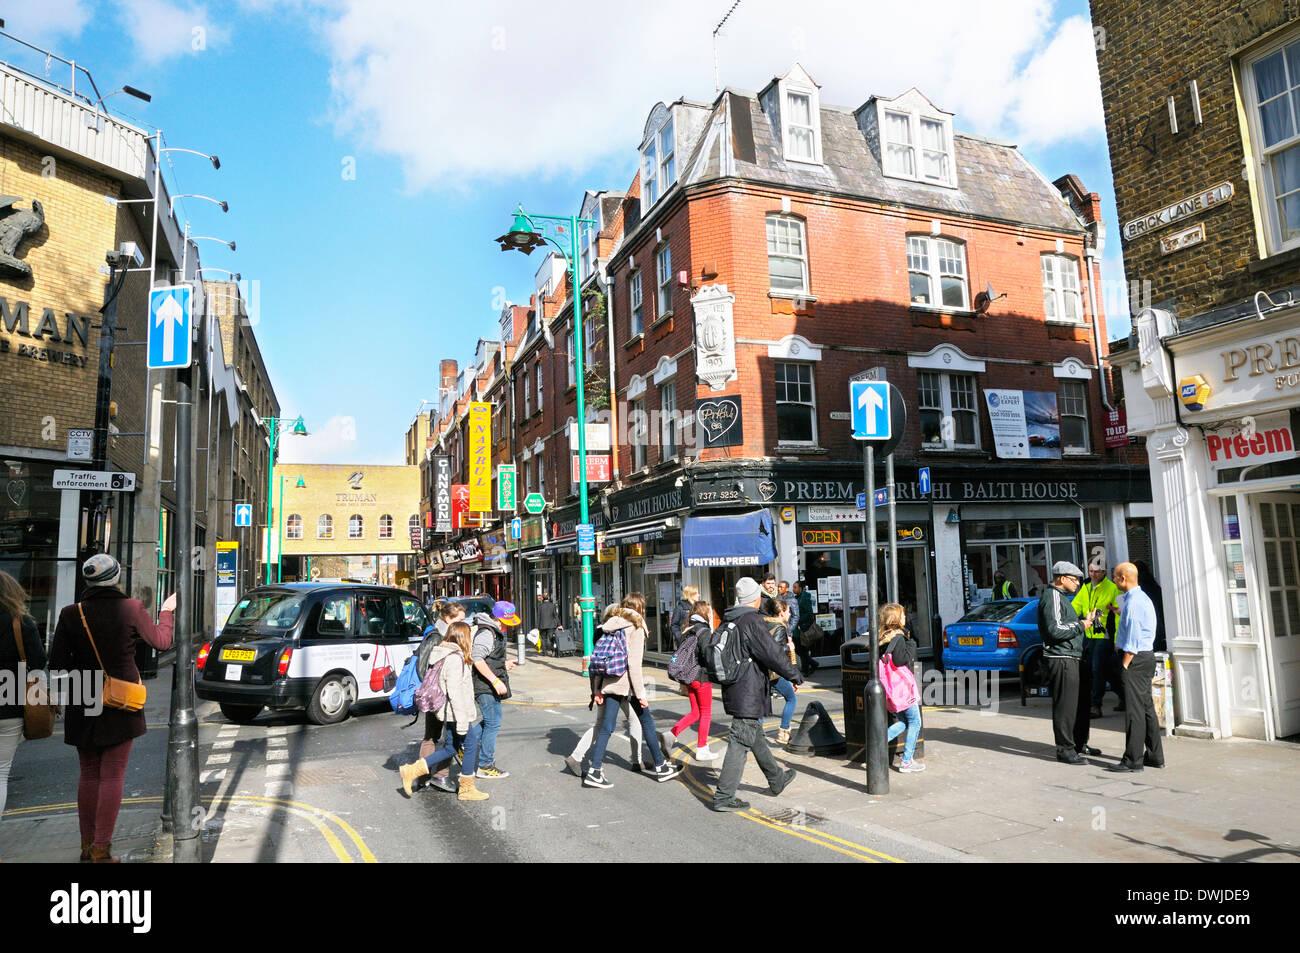 Brick Lane, Tower Hamlets, East London, England, UK - Stock Image